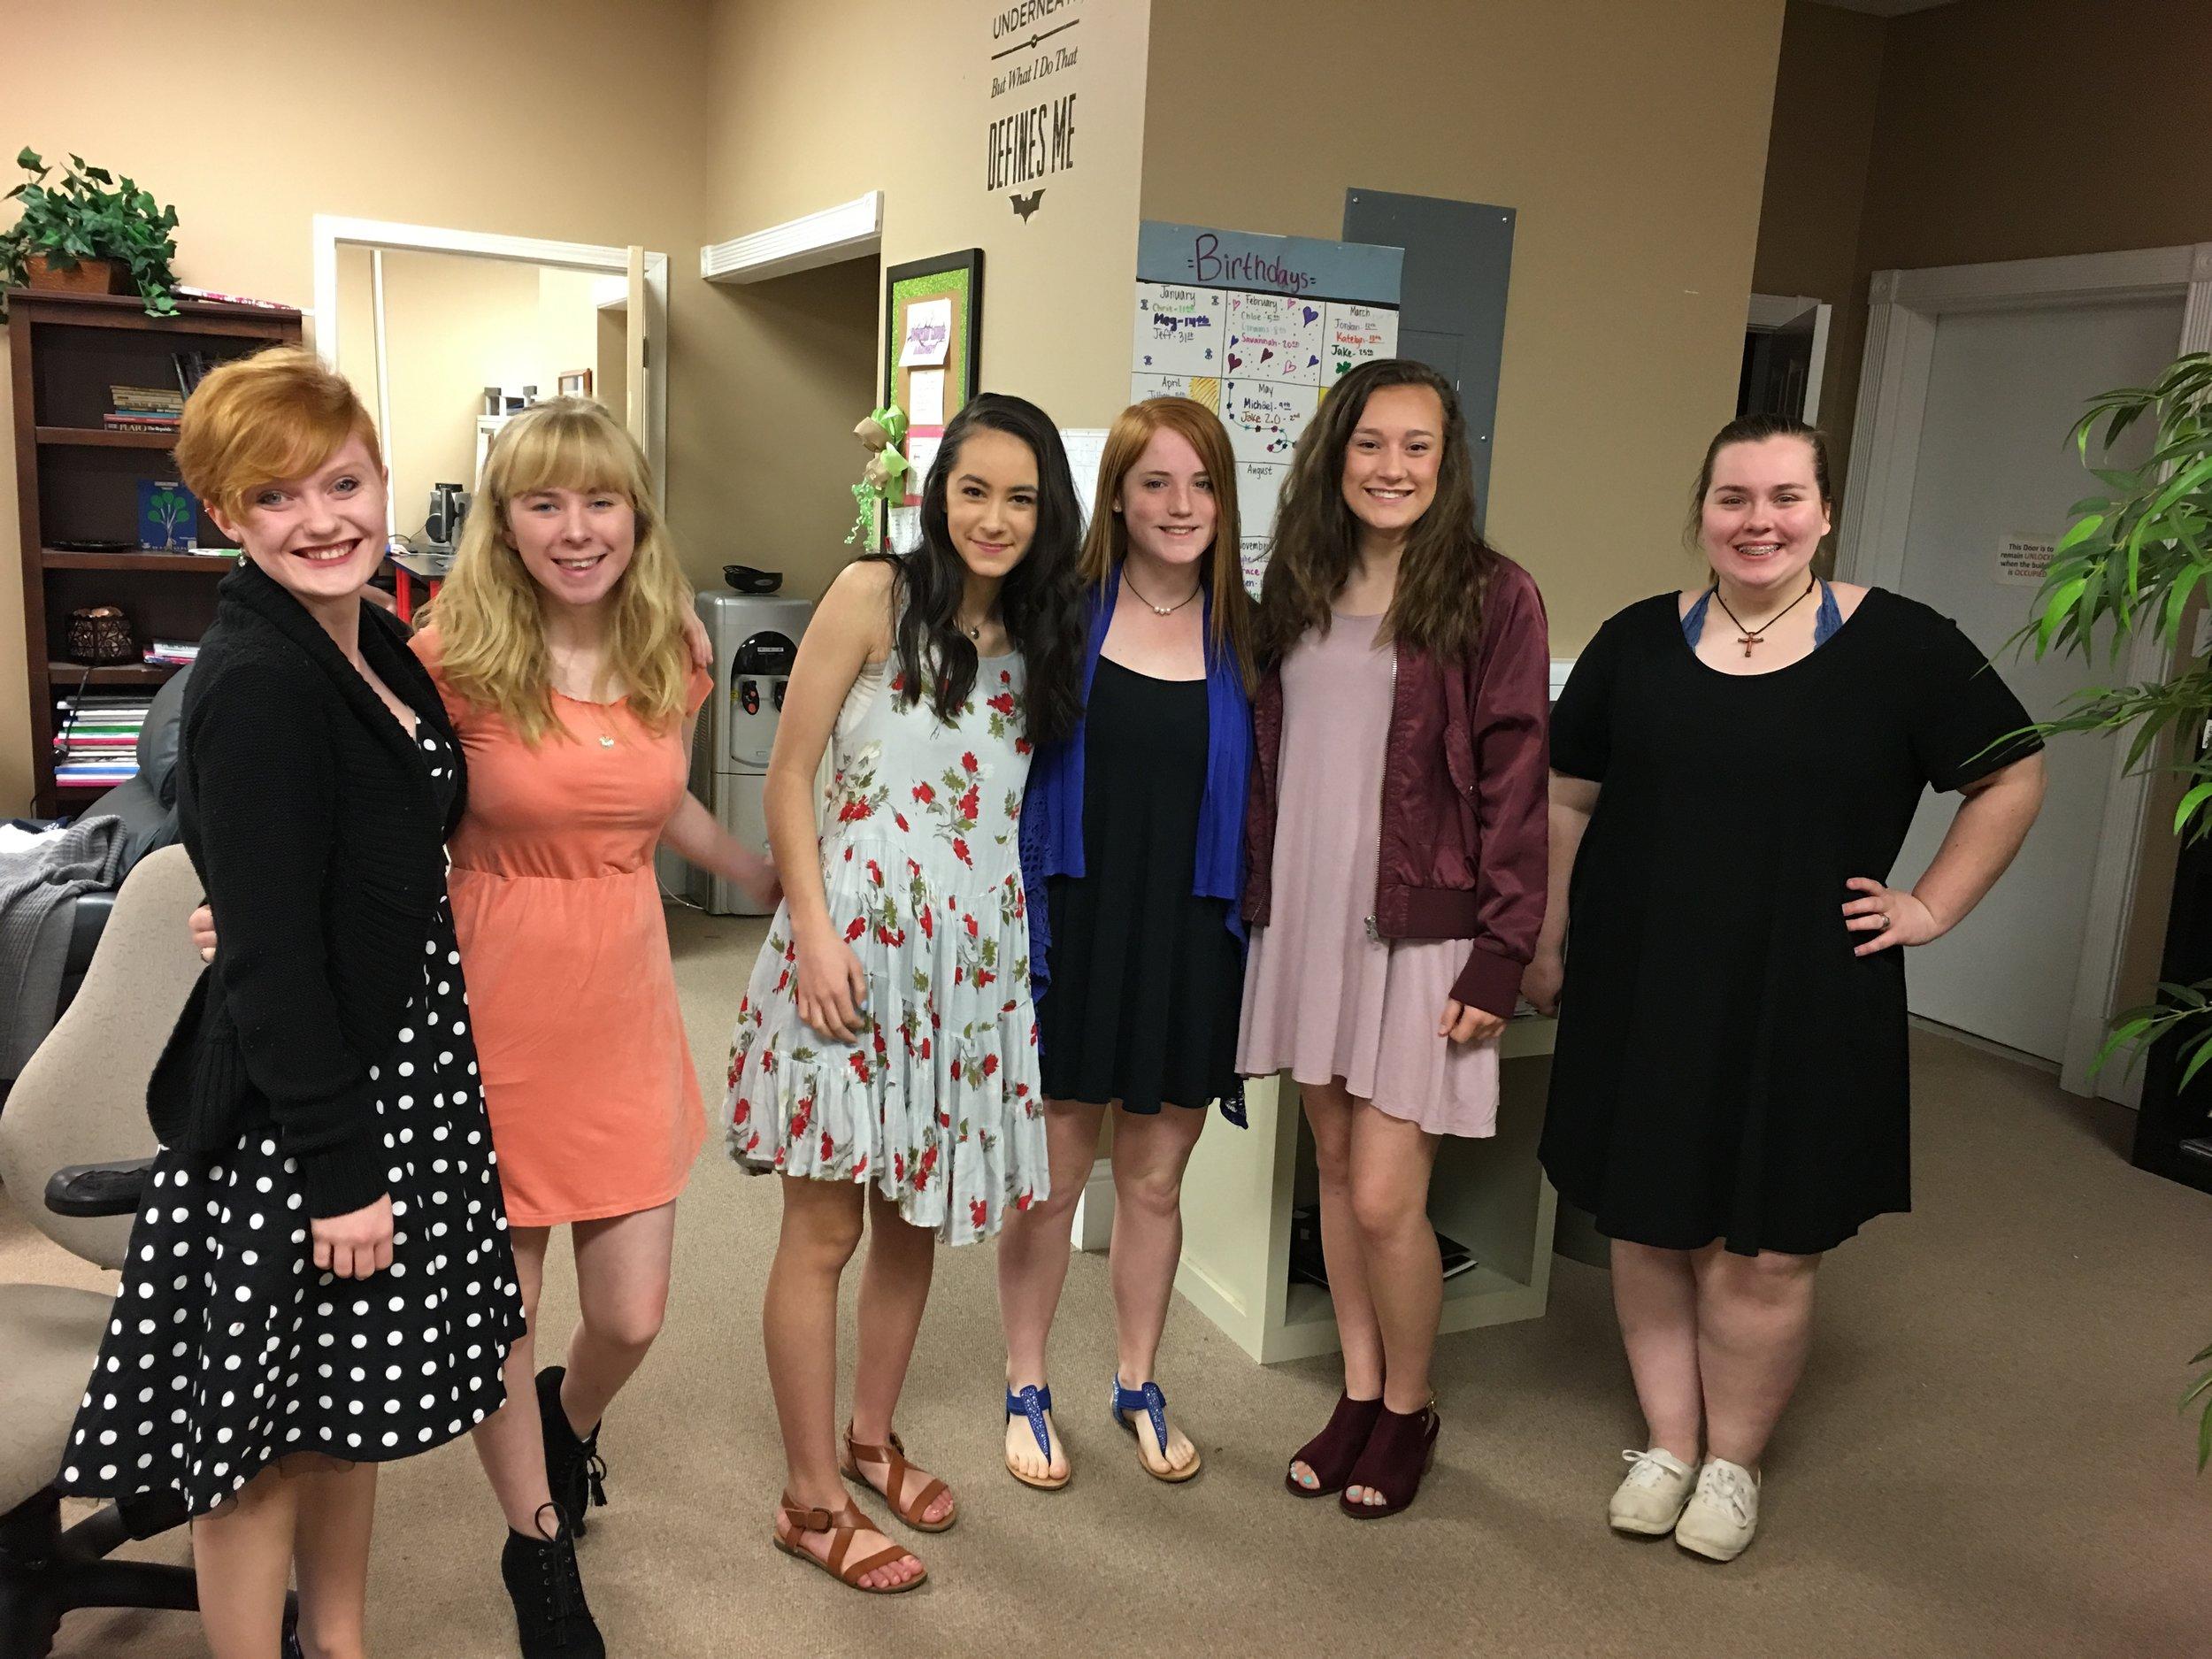 Beautiful high school ladies!